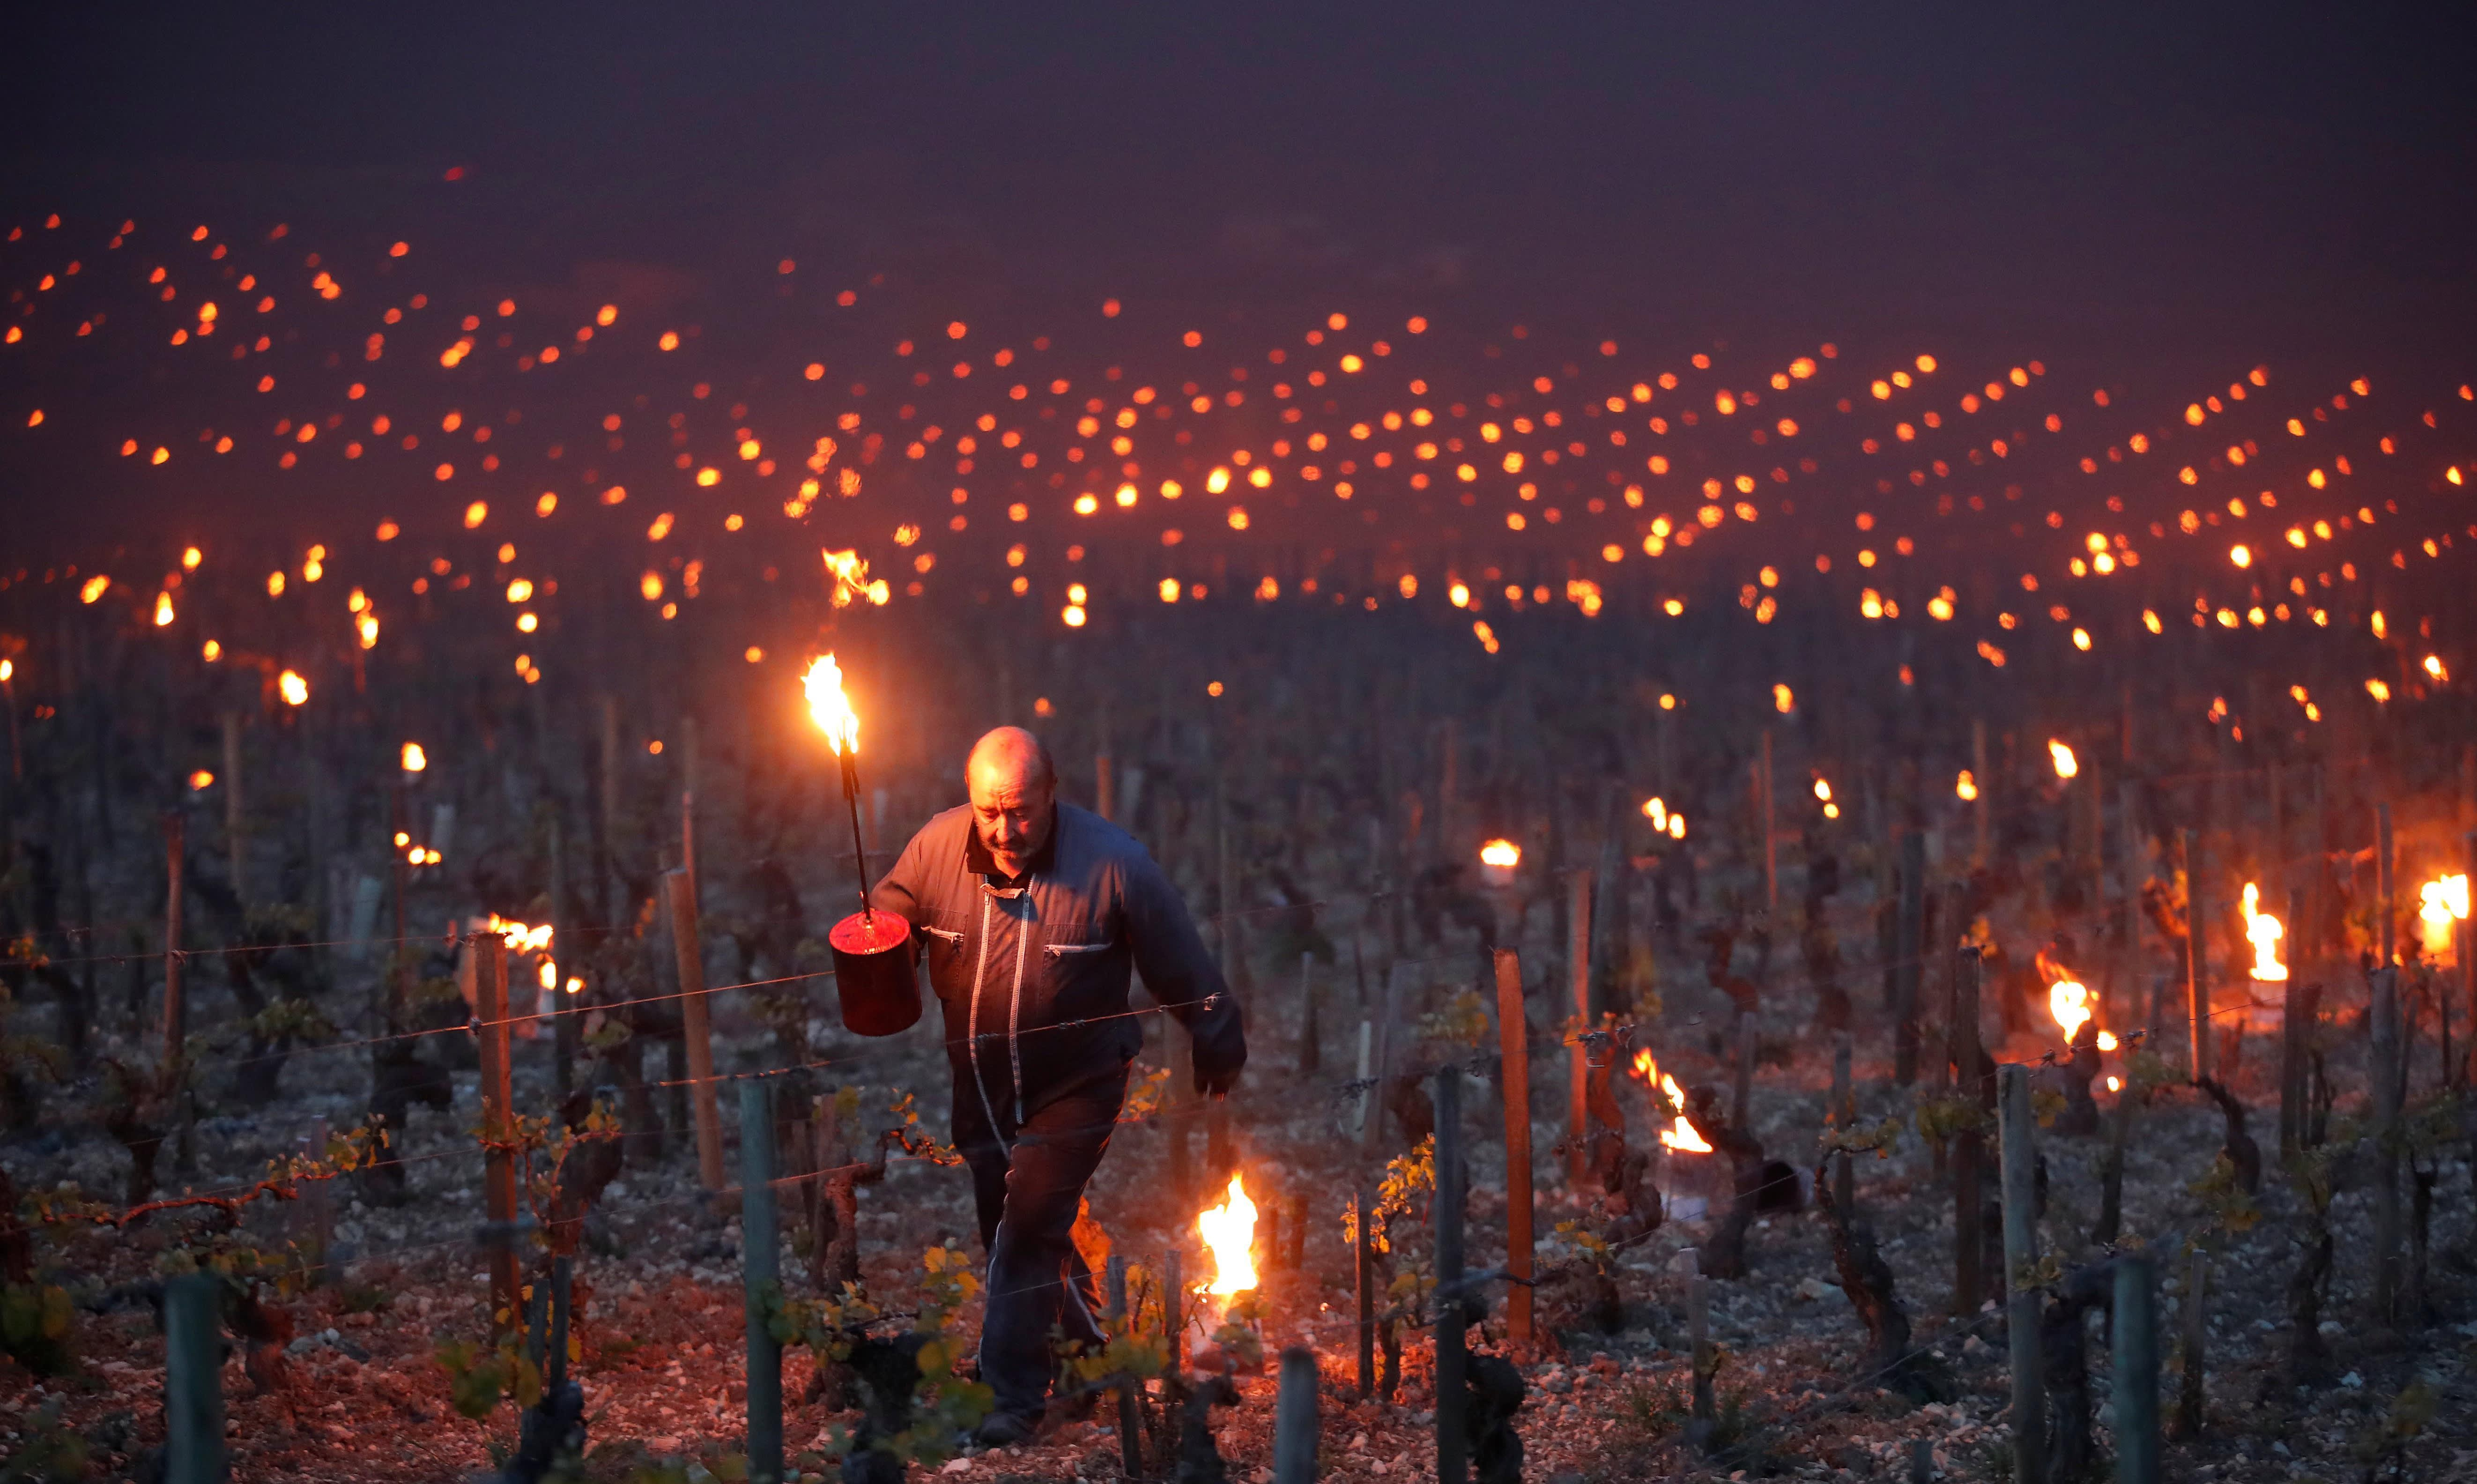 Из-за аномальных холодов в начале апреля фермеры Франции разжигают костры и факелы, чтобы спасти виноградники. Фотограф Кристиан Хартманн